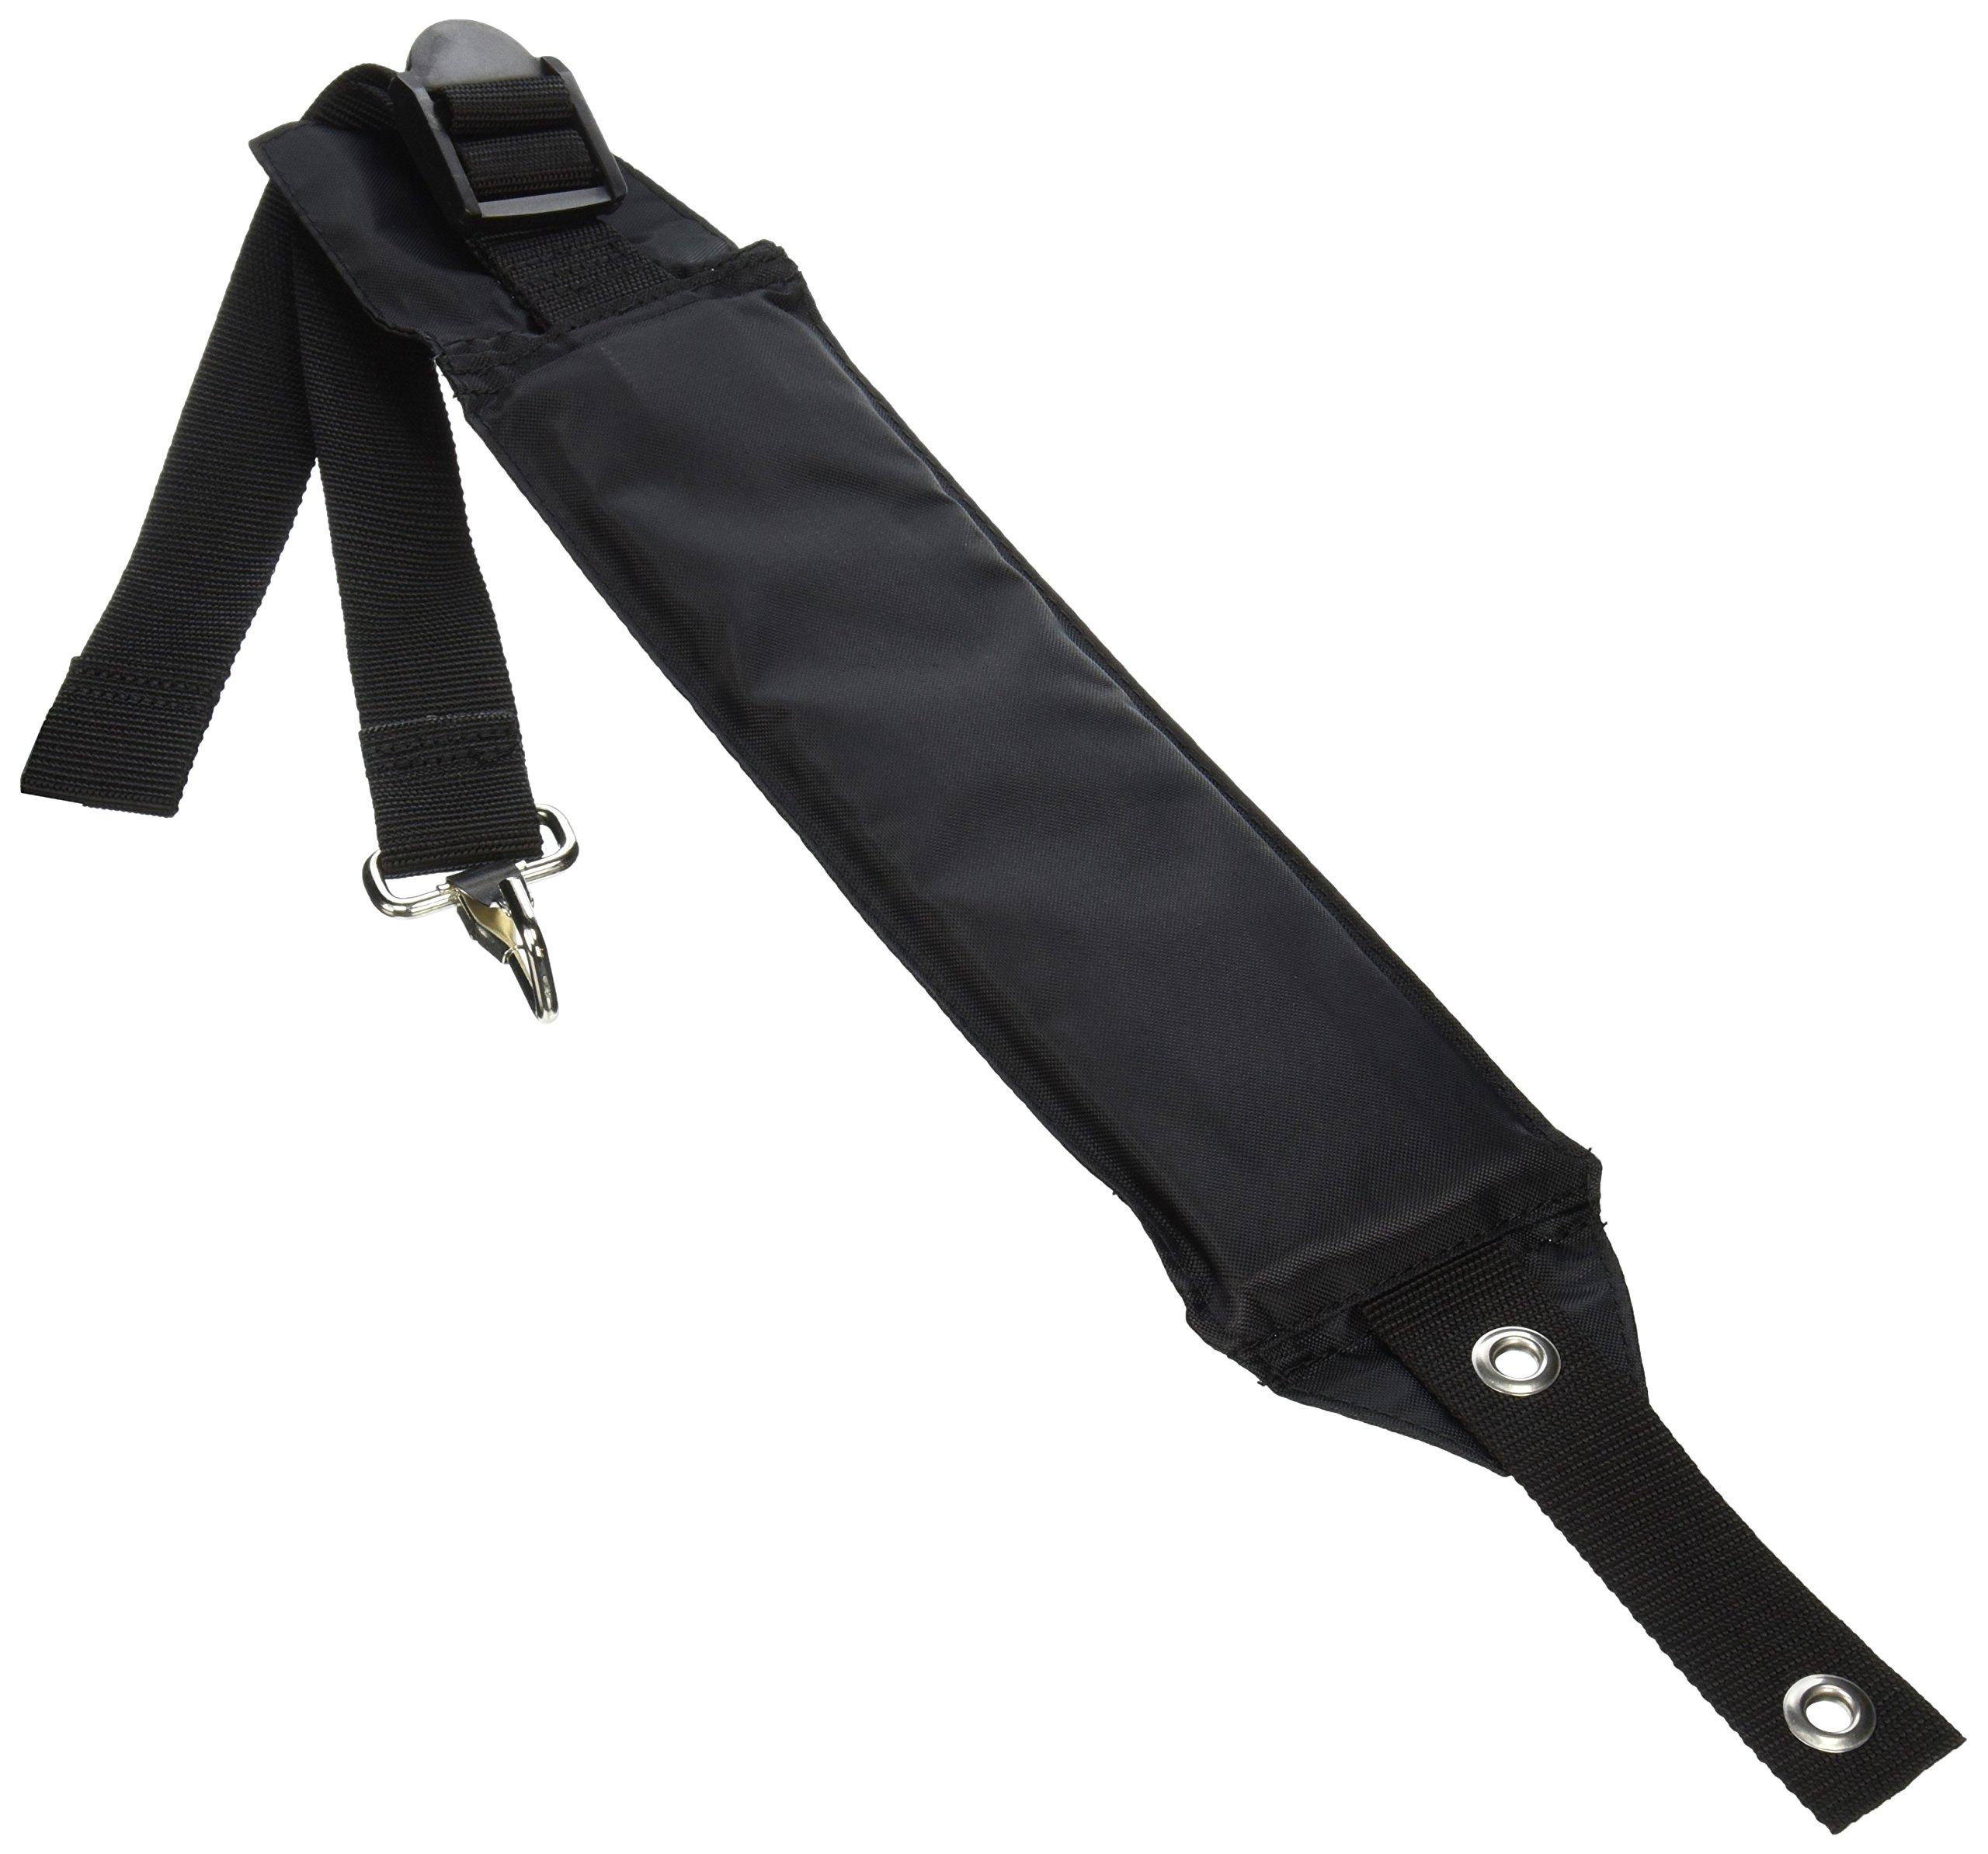 Hitachi 6685819 TBL-4610 Shoulder Strap for Blower